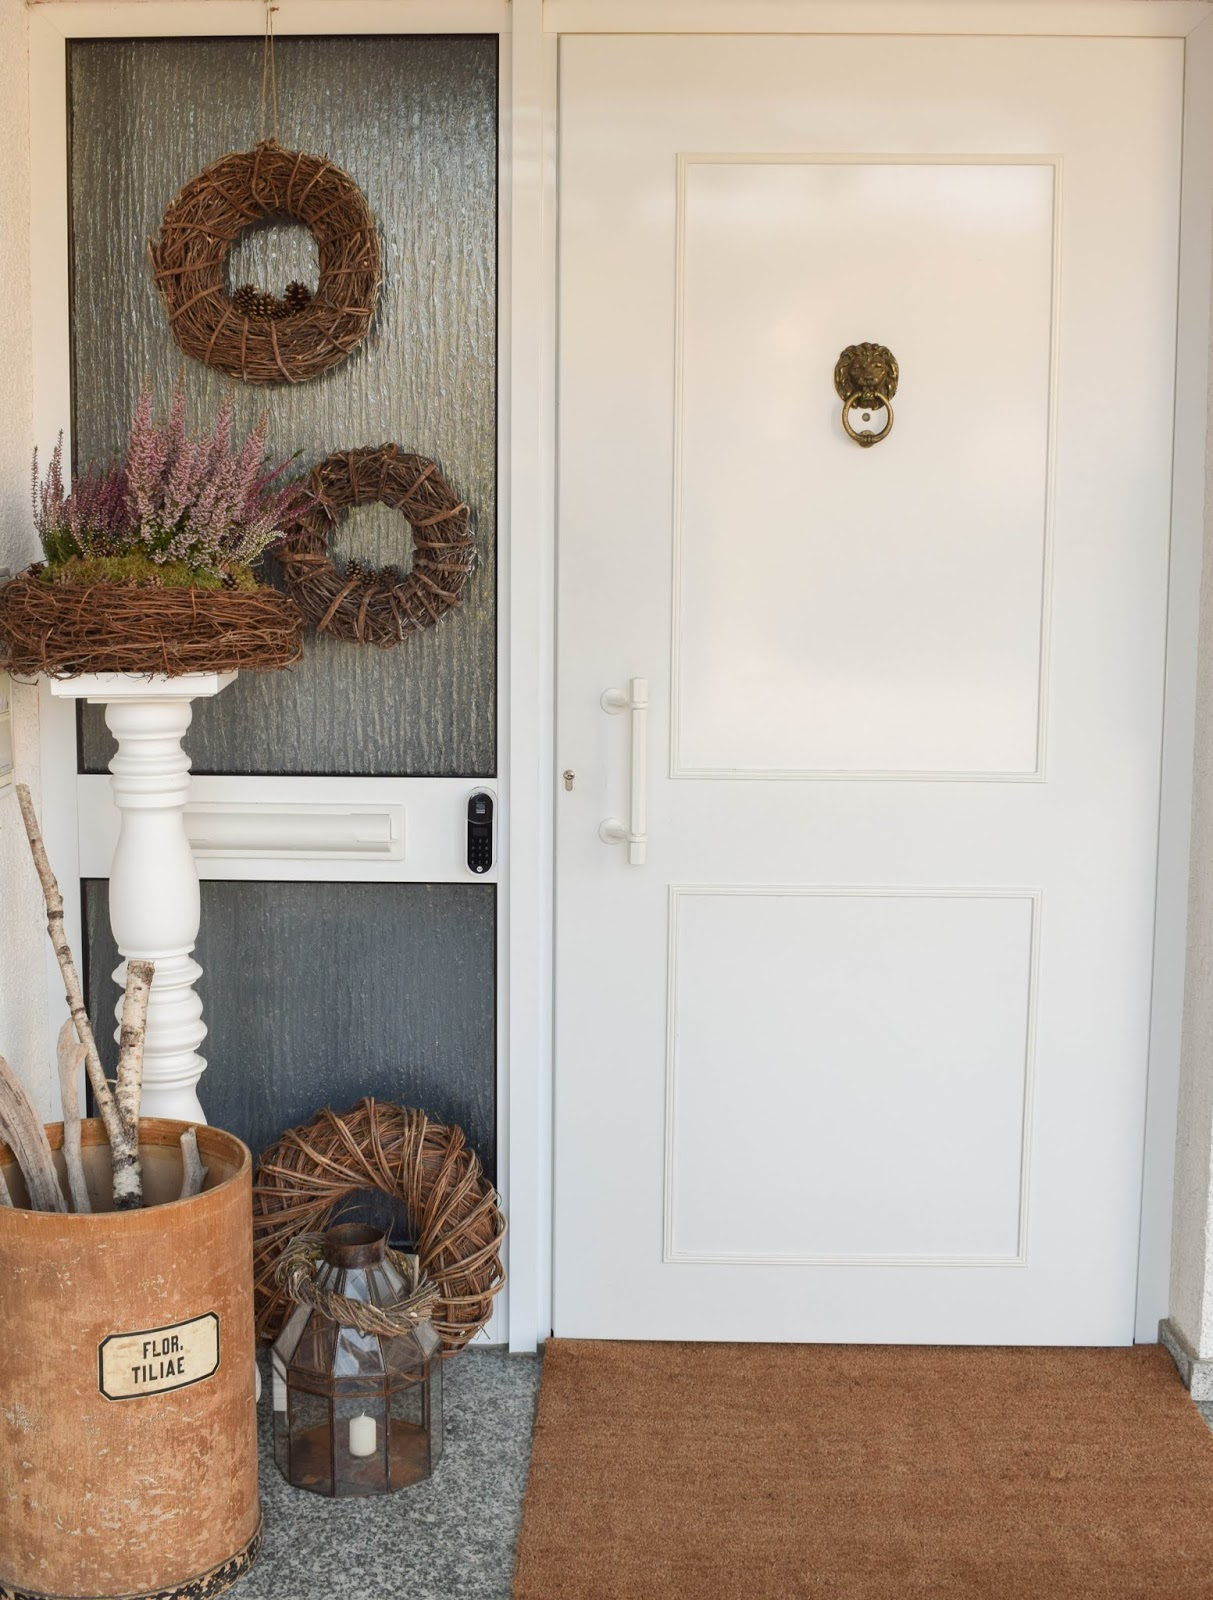 Yale Entr Smartlock: smartes Türschloss für Haustüre. Renovierung Schliesssystem und intelligente Schliessloesung. Smart Home Ideen. Herbstdeko Dekoidee Herbst Kränze Eingang Tür natürlich dekorieren